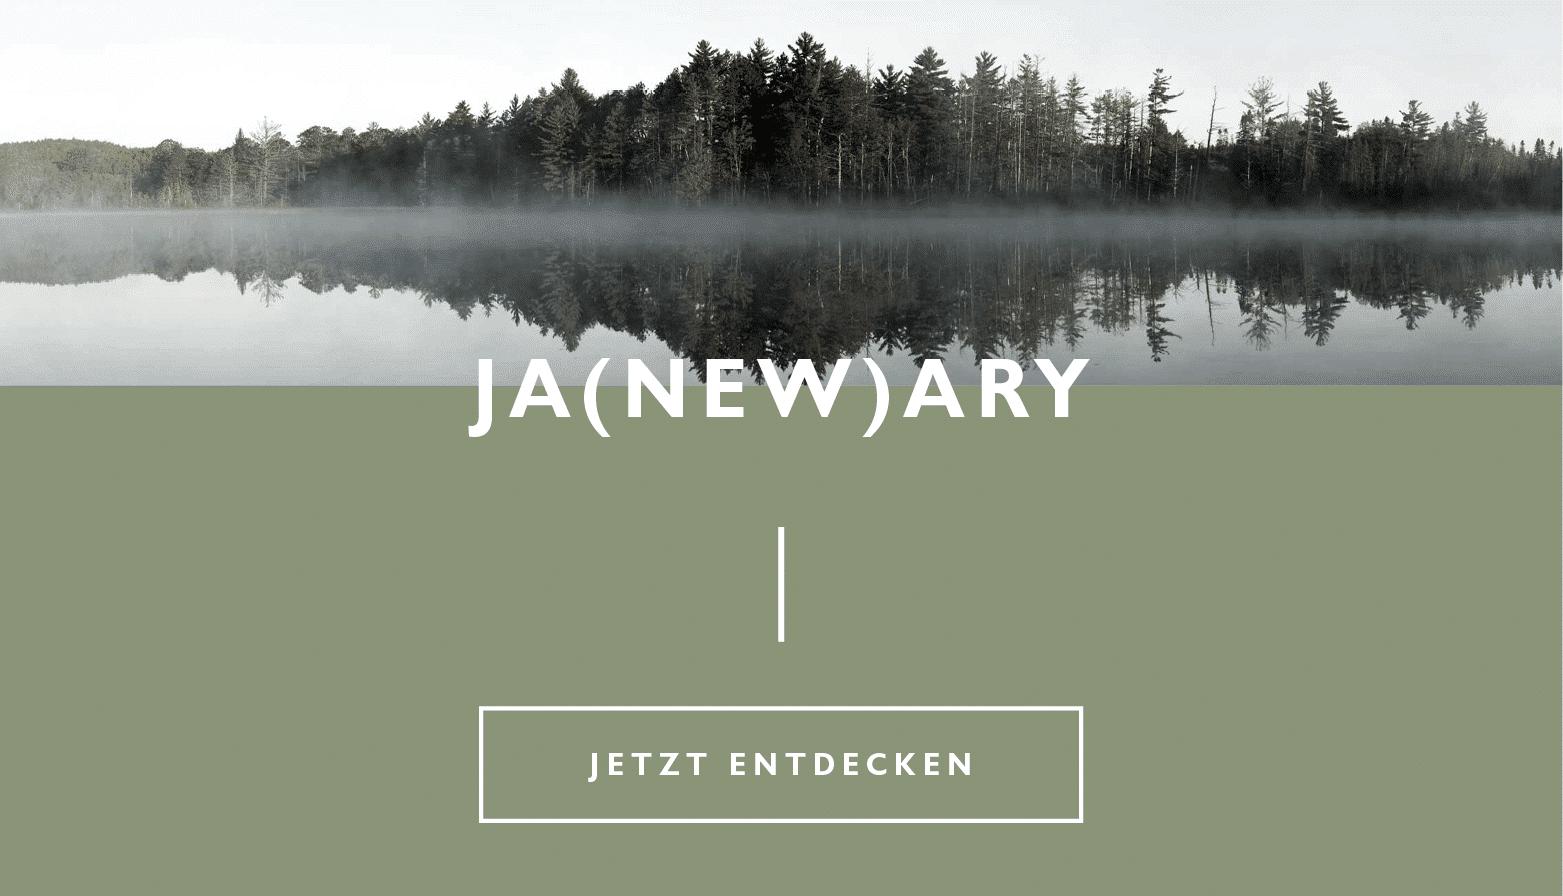 JaNEWary 2020